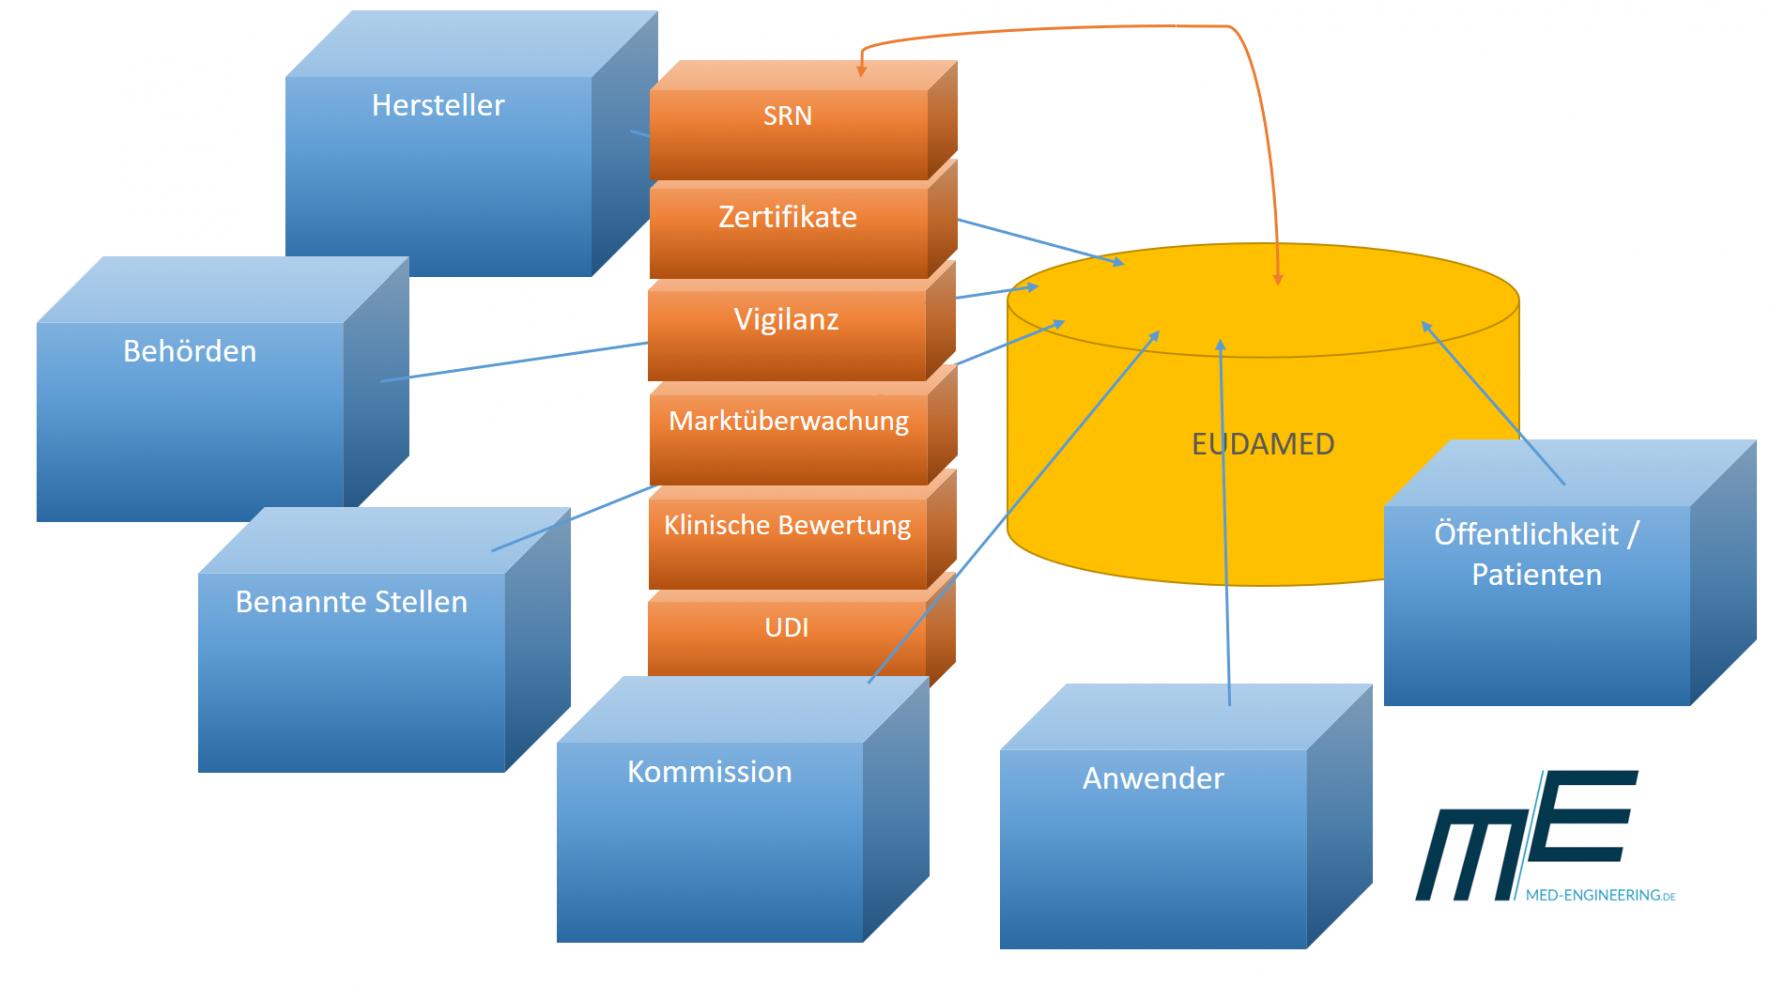 EUDAMED Funktionen und Stakeholder